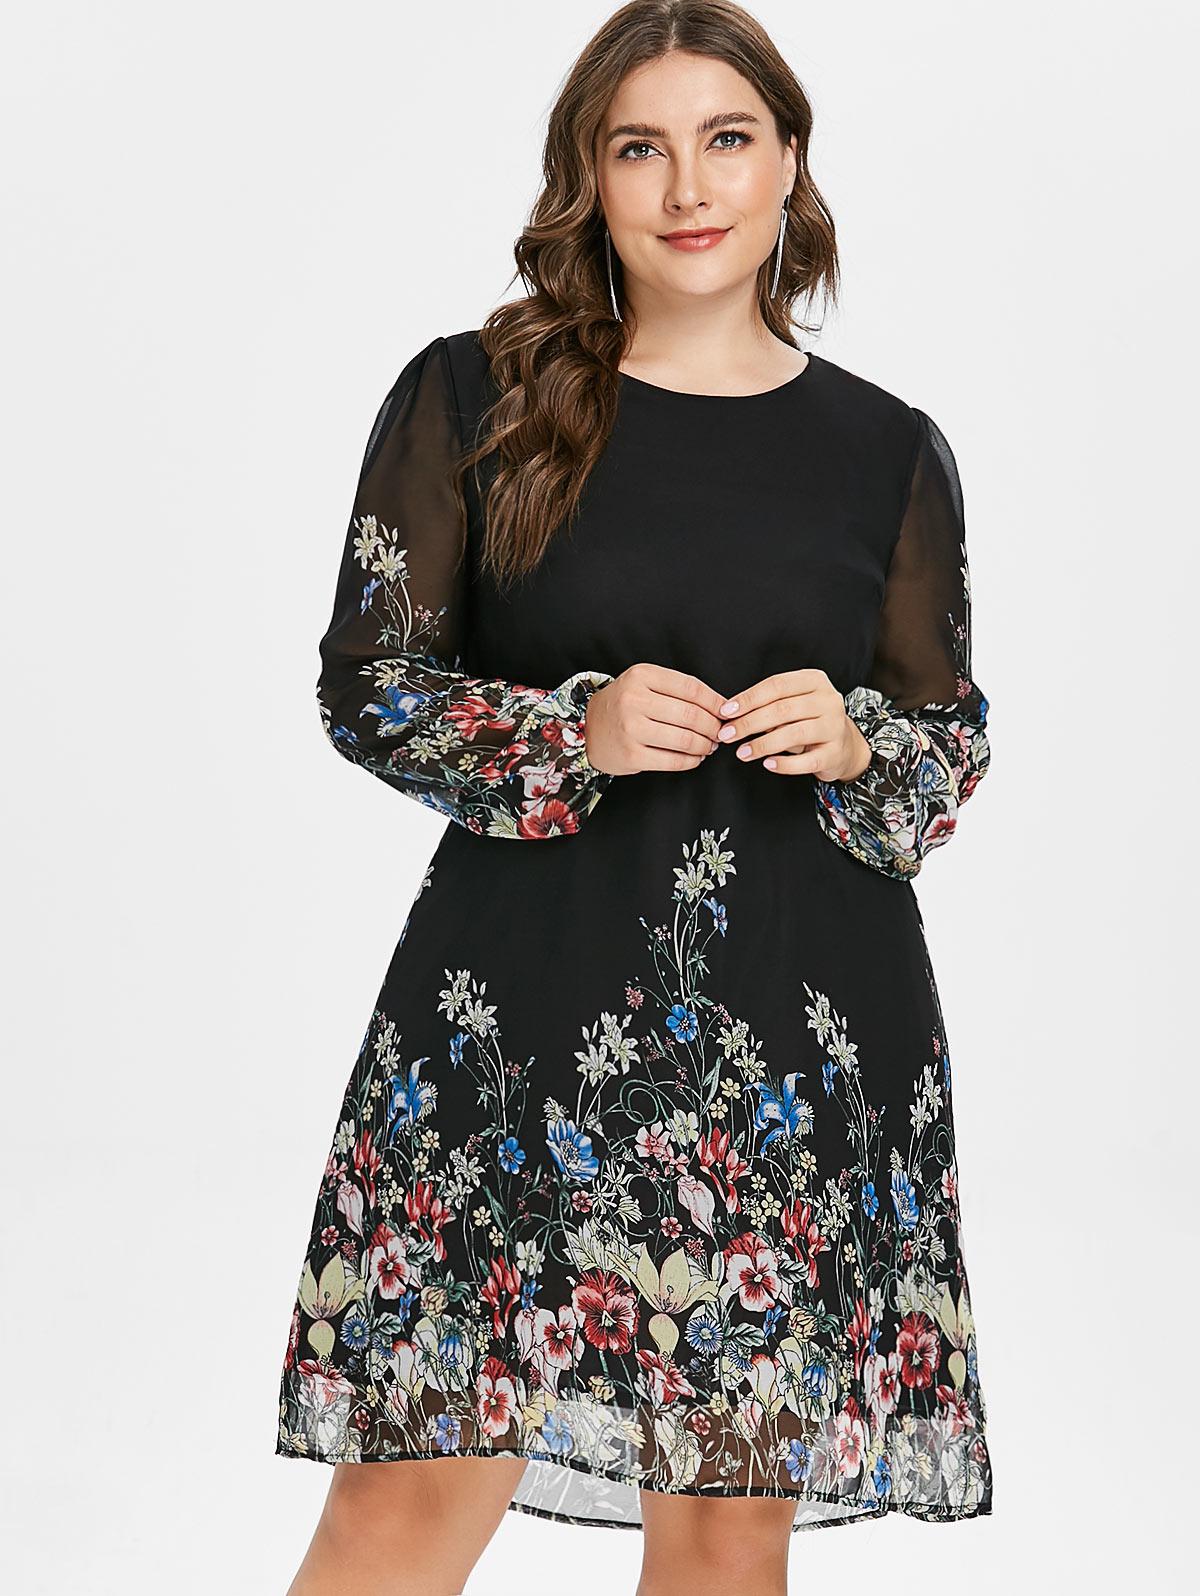 Wipalo Plus Size Floral Print Tunic Women Dress Long